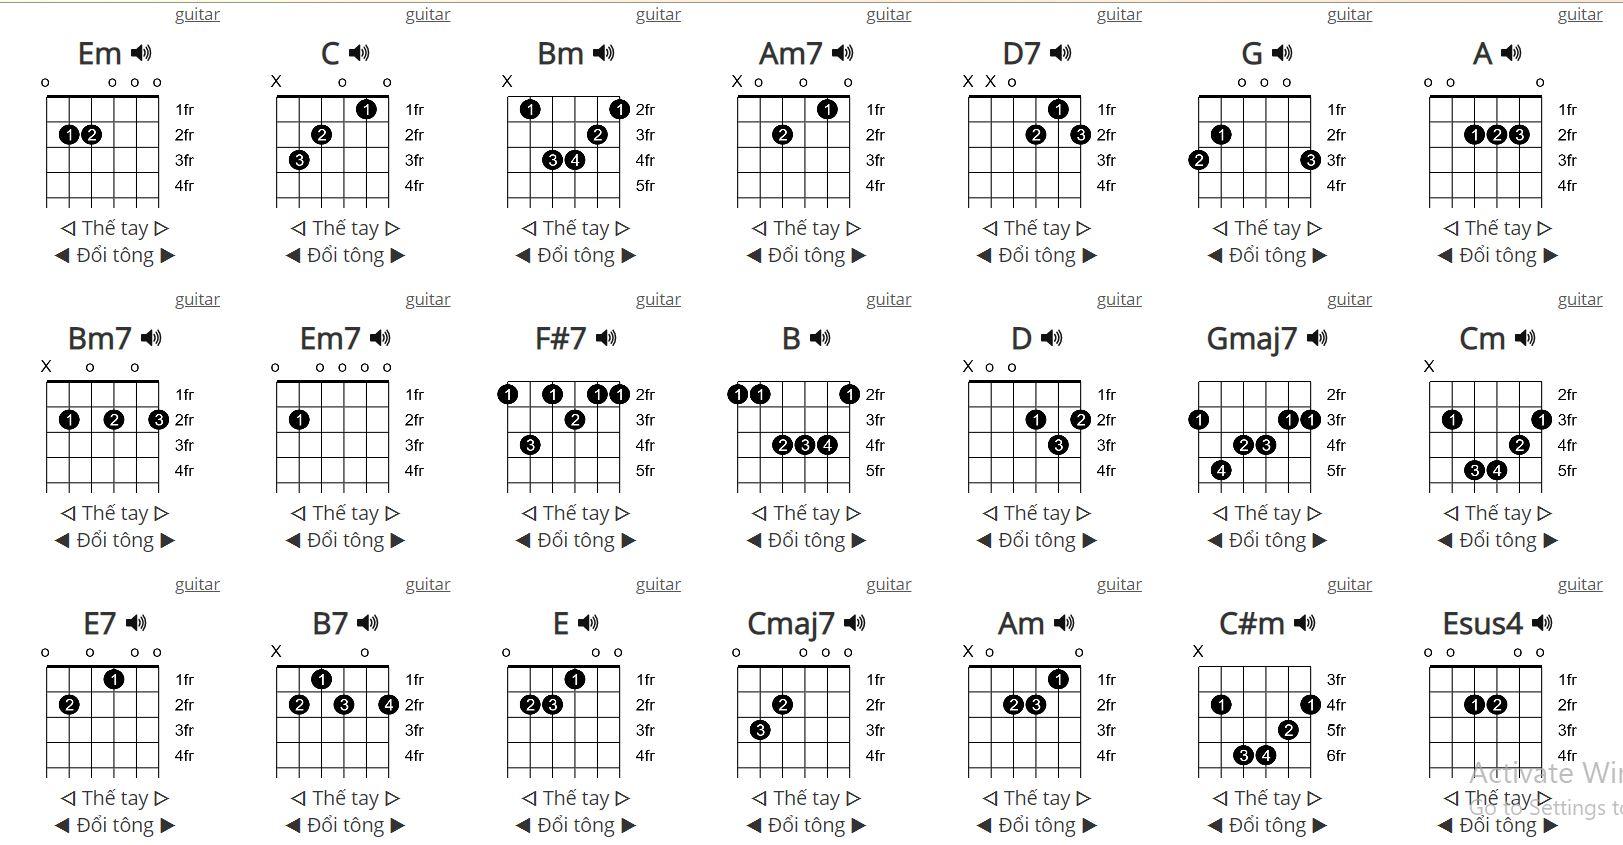 Hợp âm guitar Anh Cần Thời Gian Để TRái Tim Mau Lành Lại